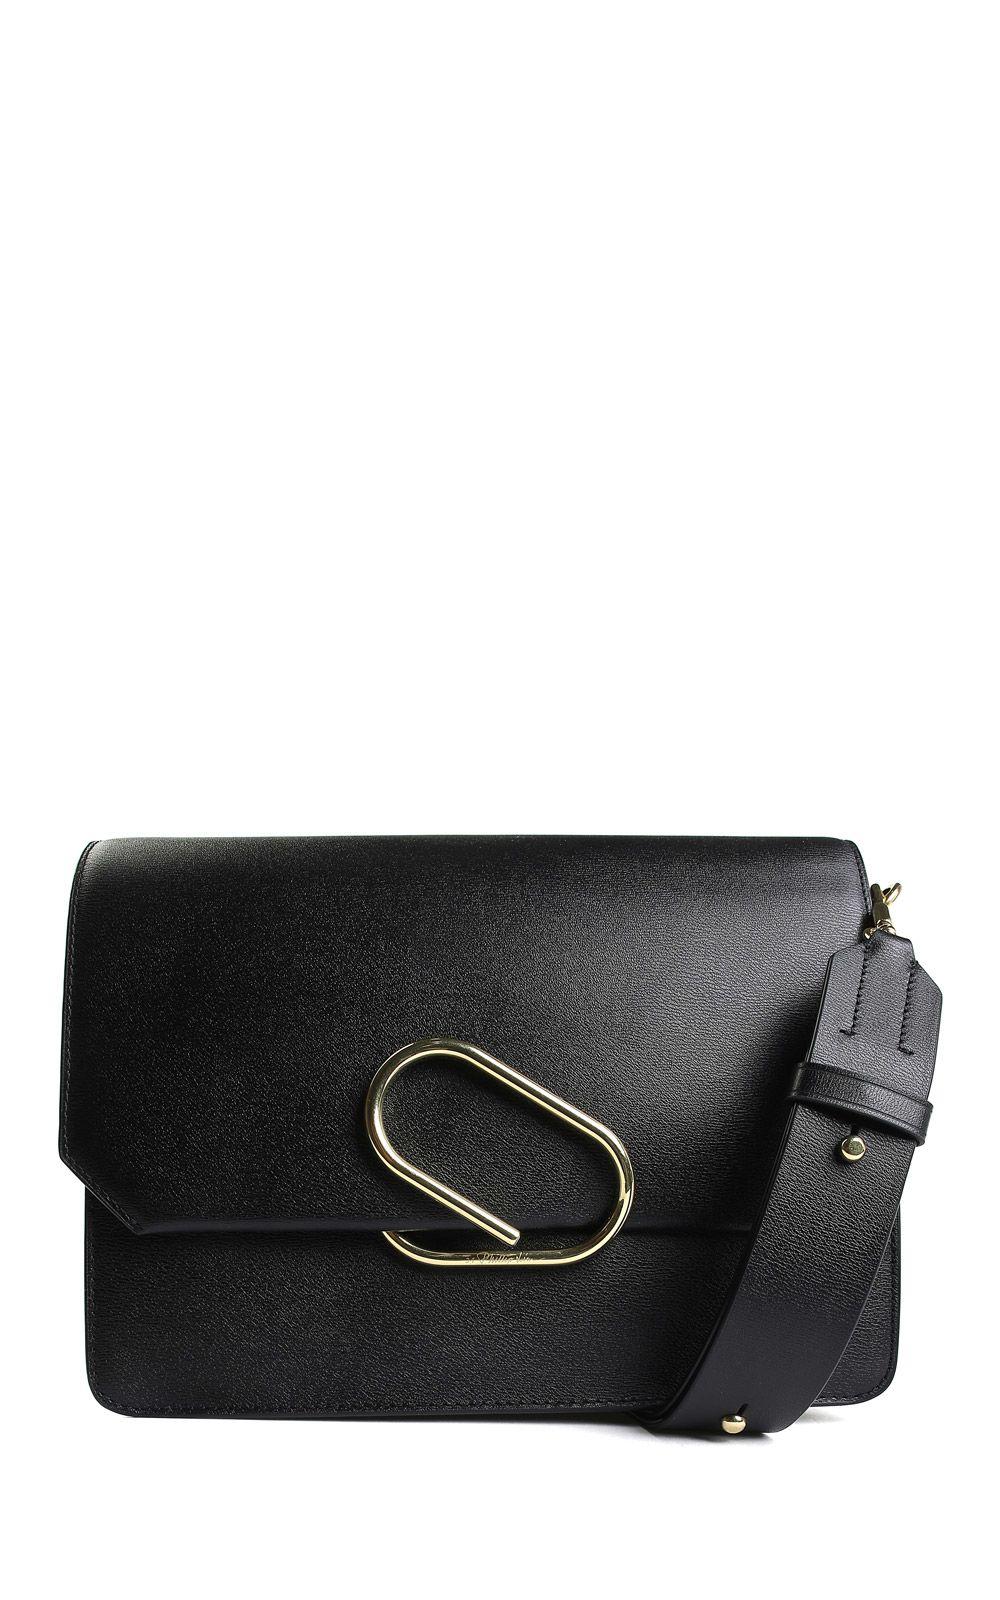 Alix Smooth-Leather Shoulder Bag in Black